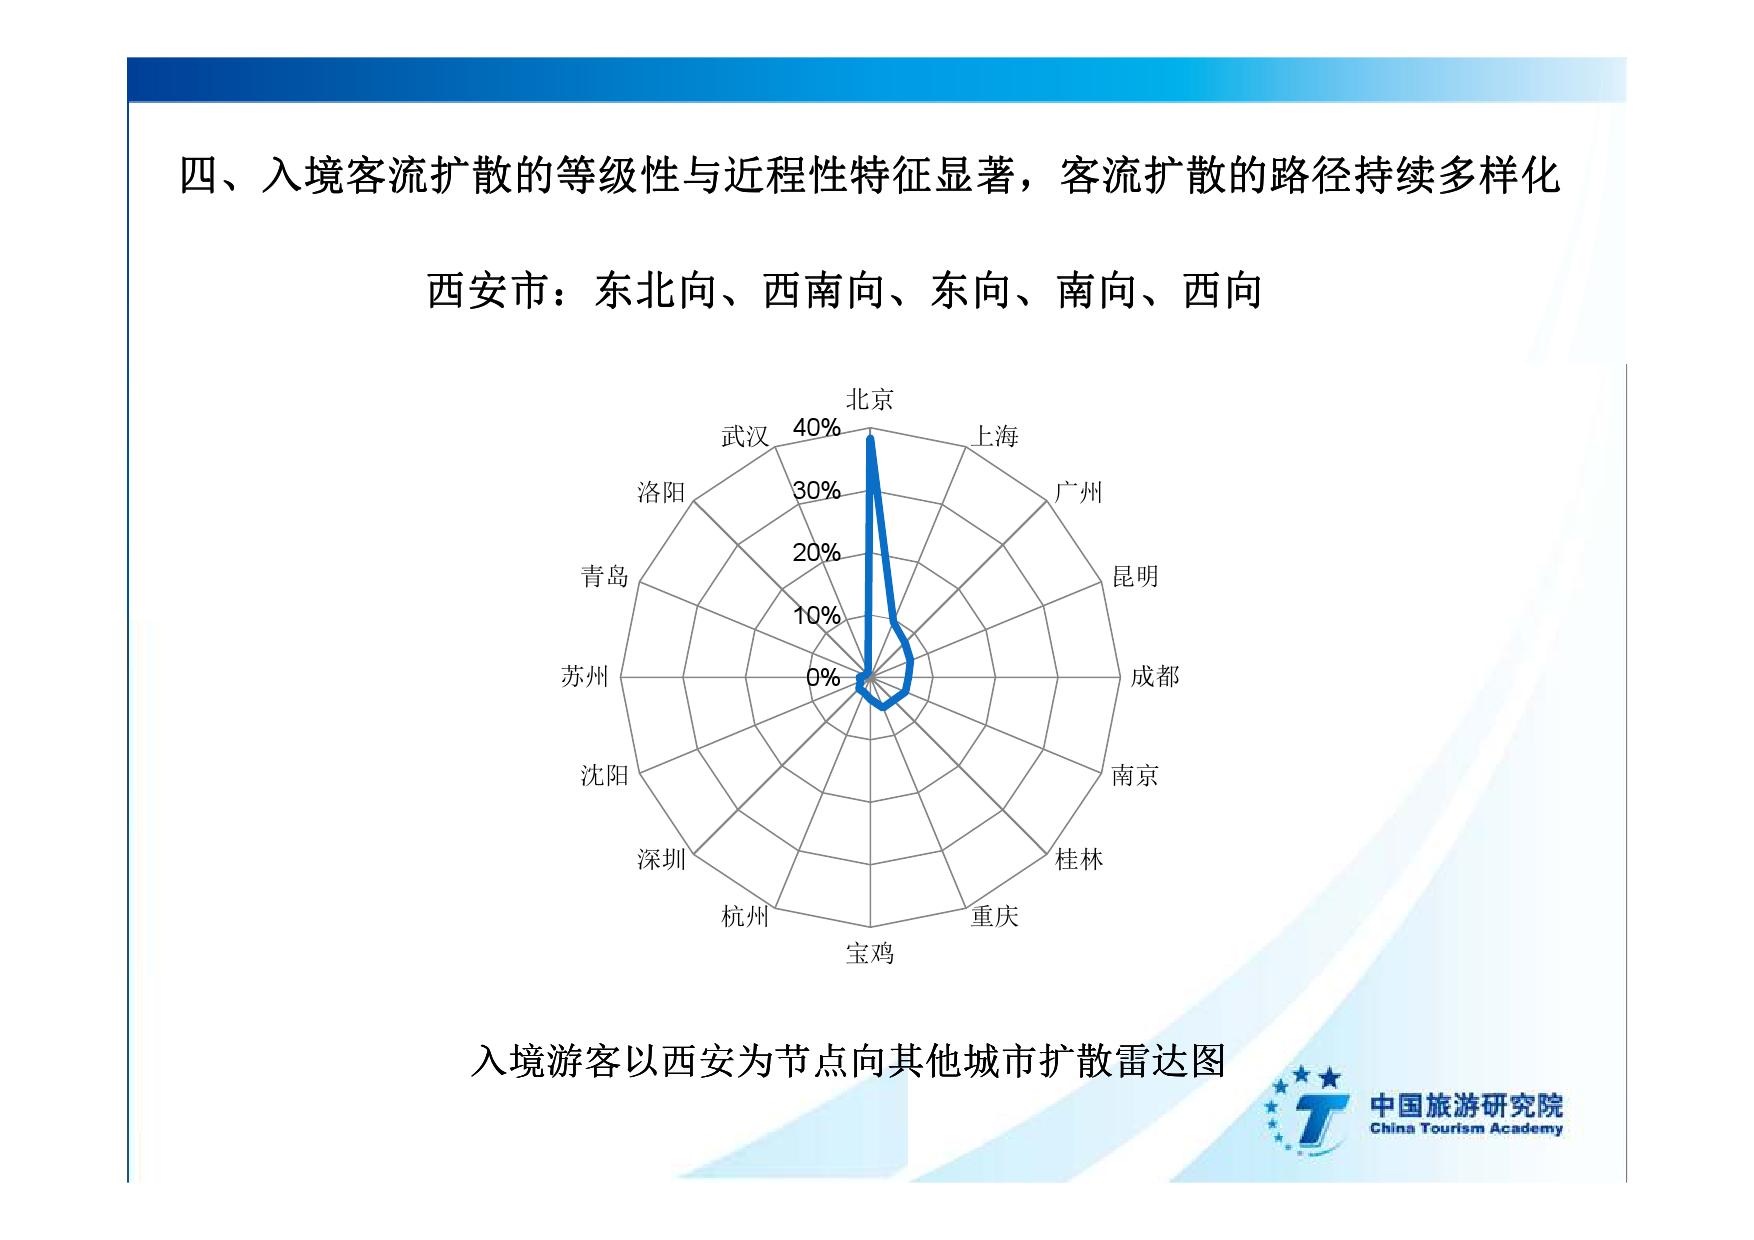 2016中国入境旅游发展年度报告_000035